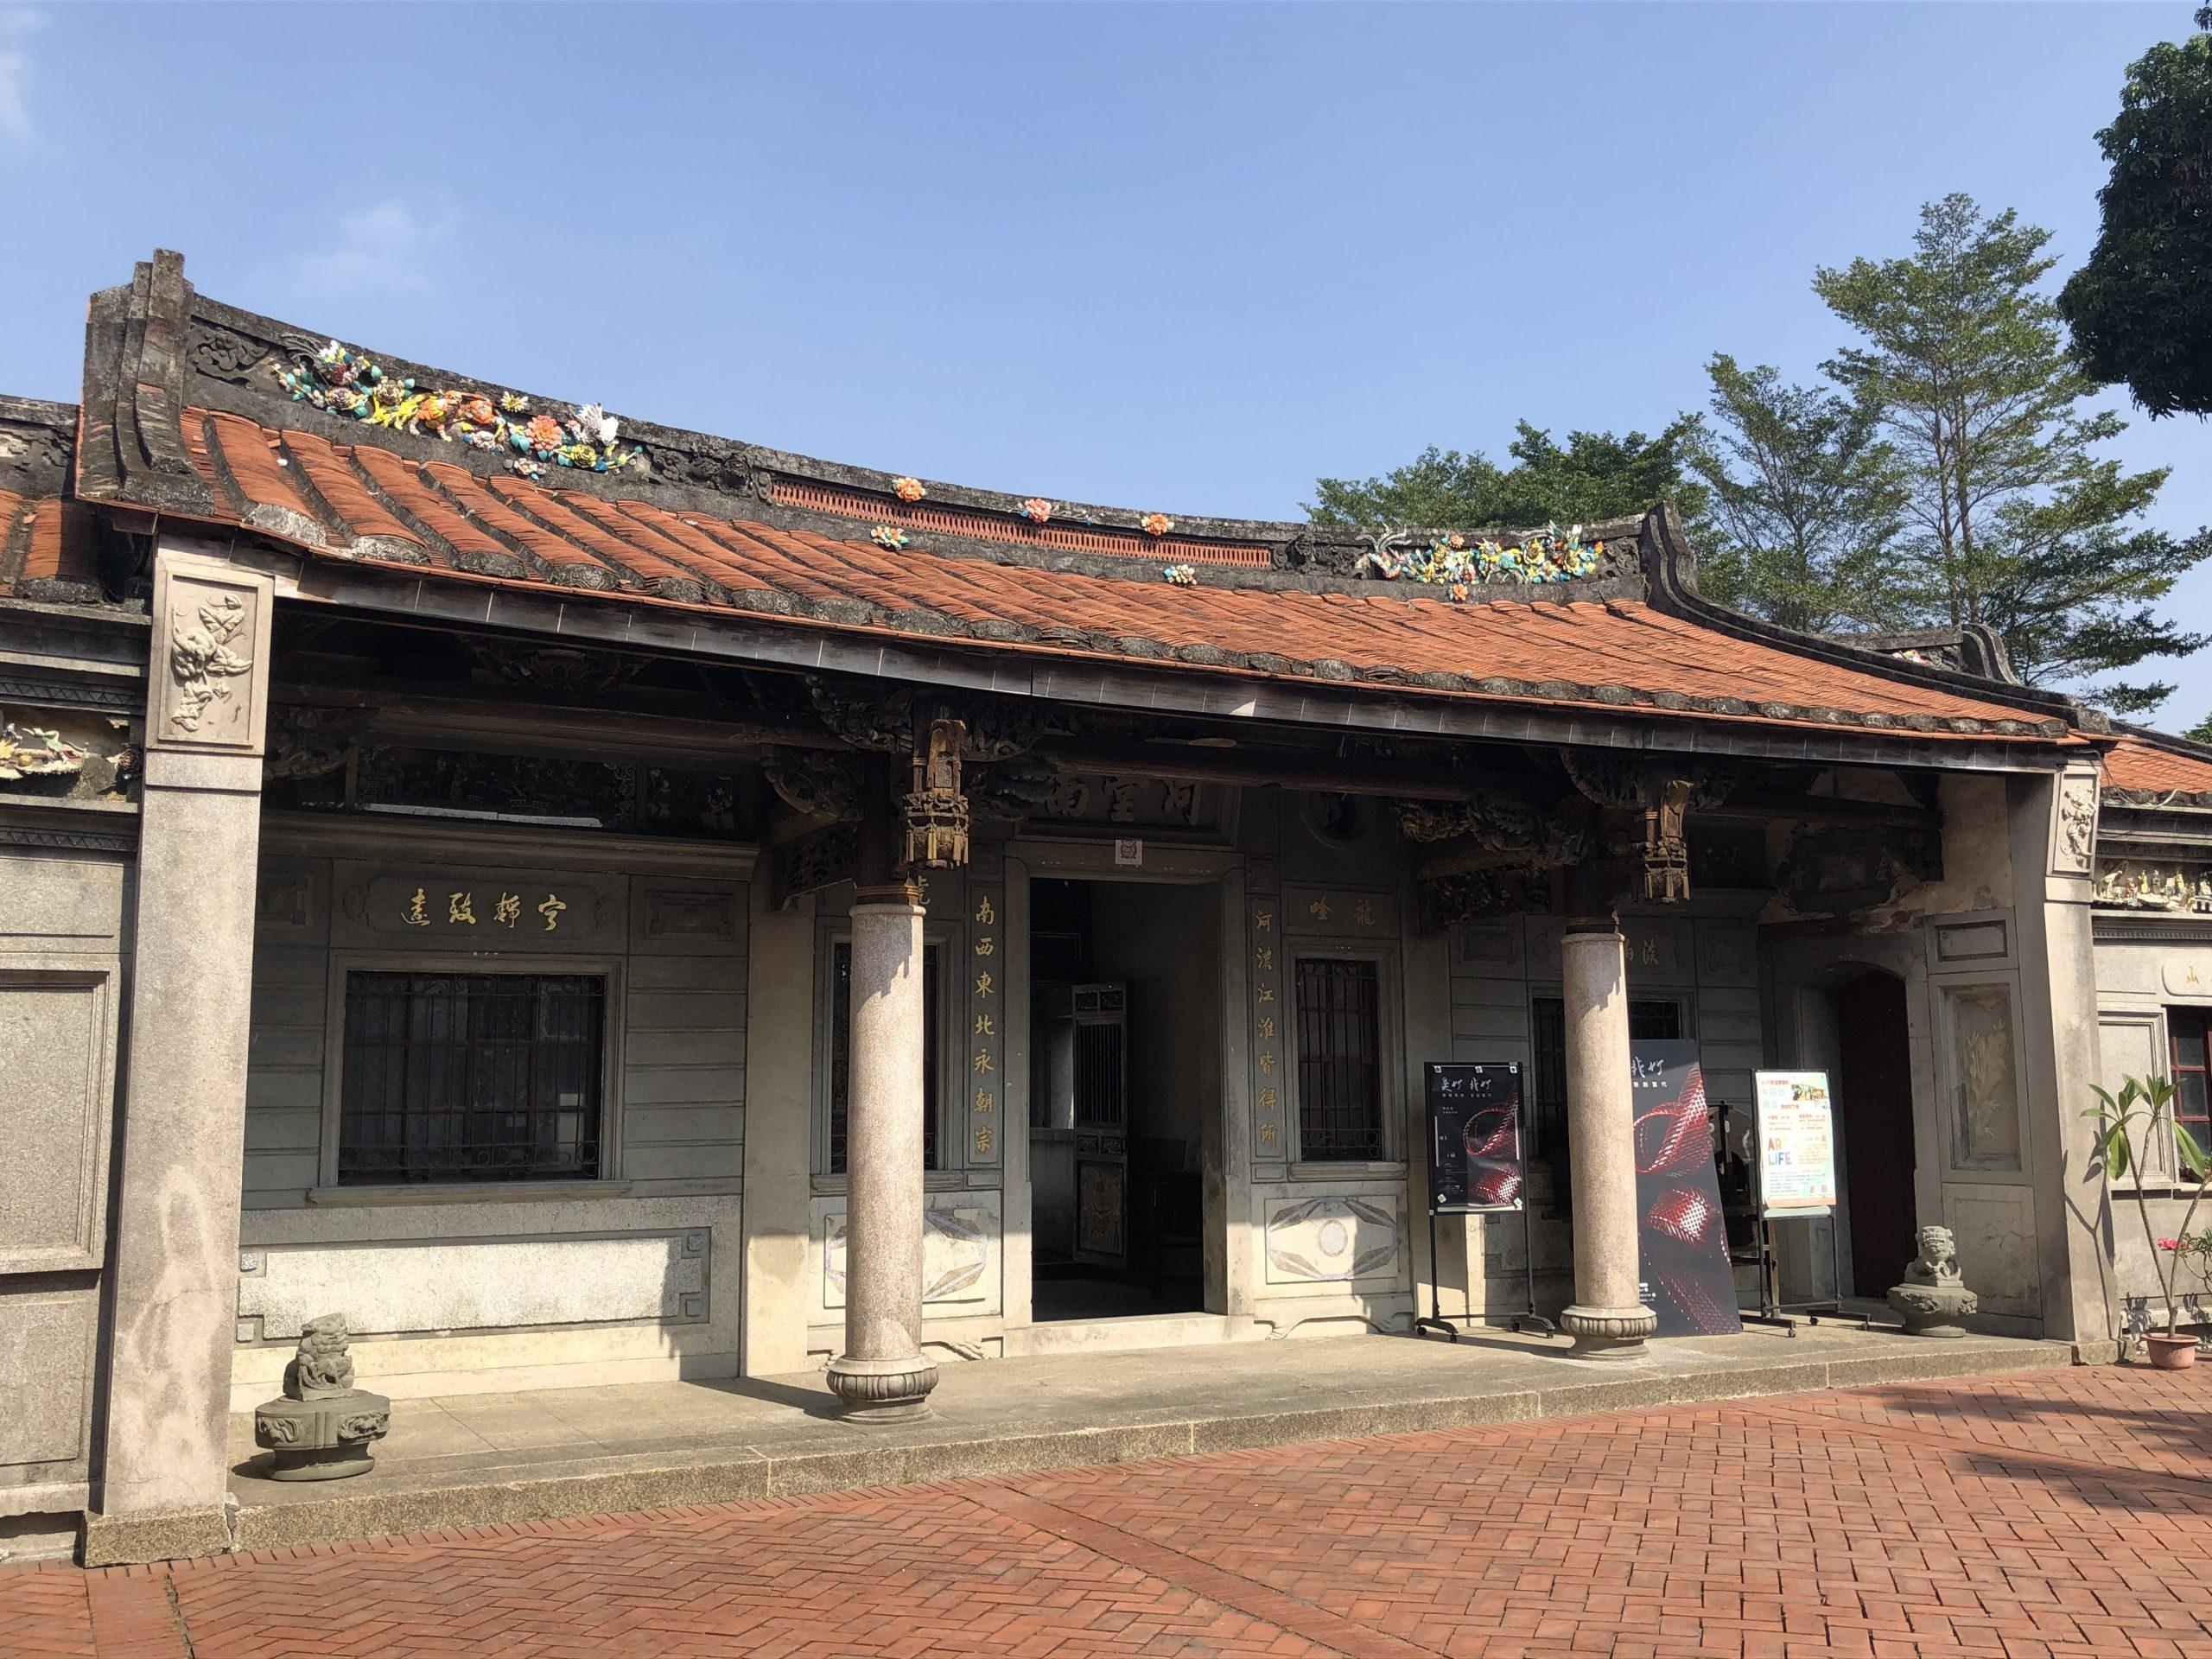 屏東県郷土芸術館